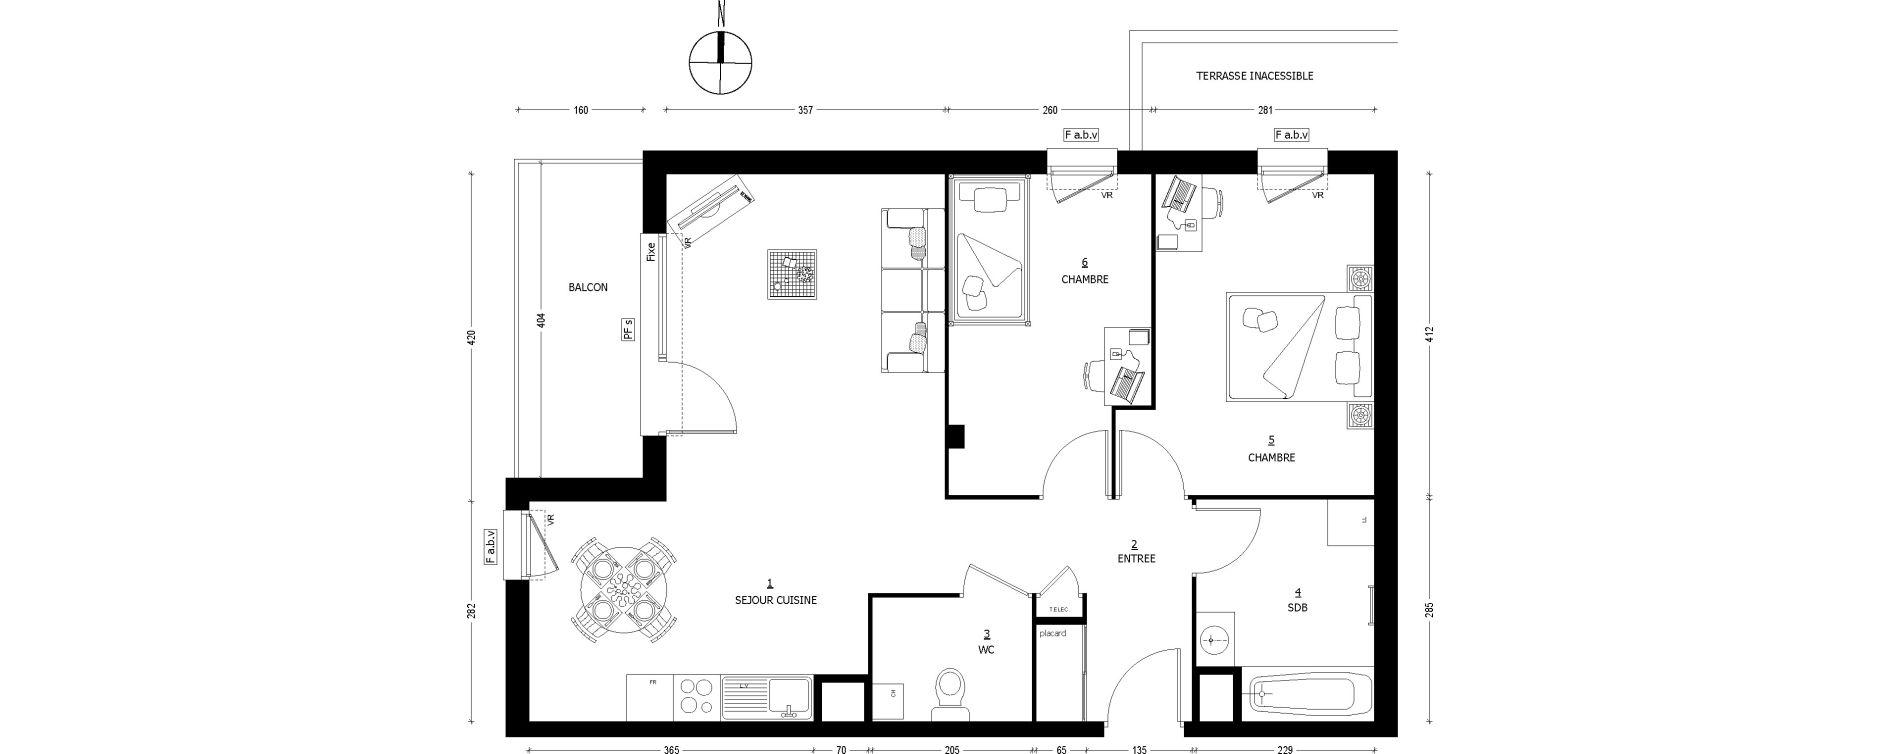 Appartement T3 de 66.38 m2 1er étage O Carmina Saint